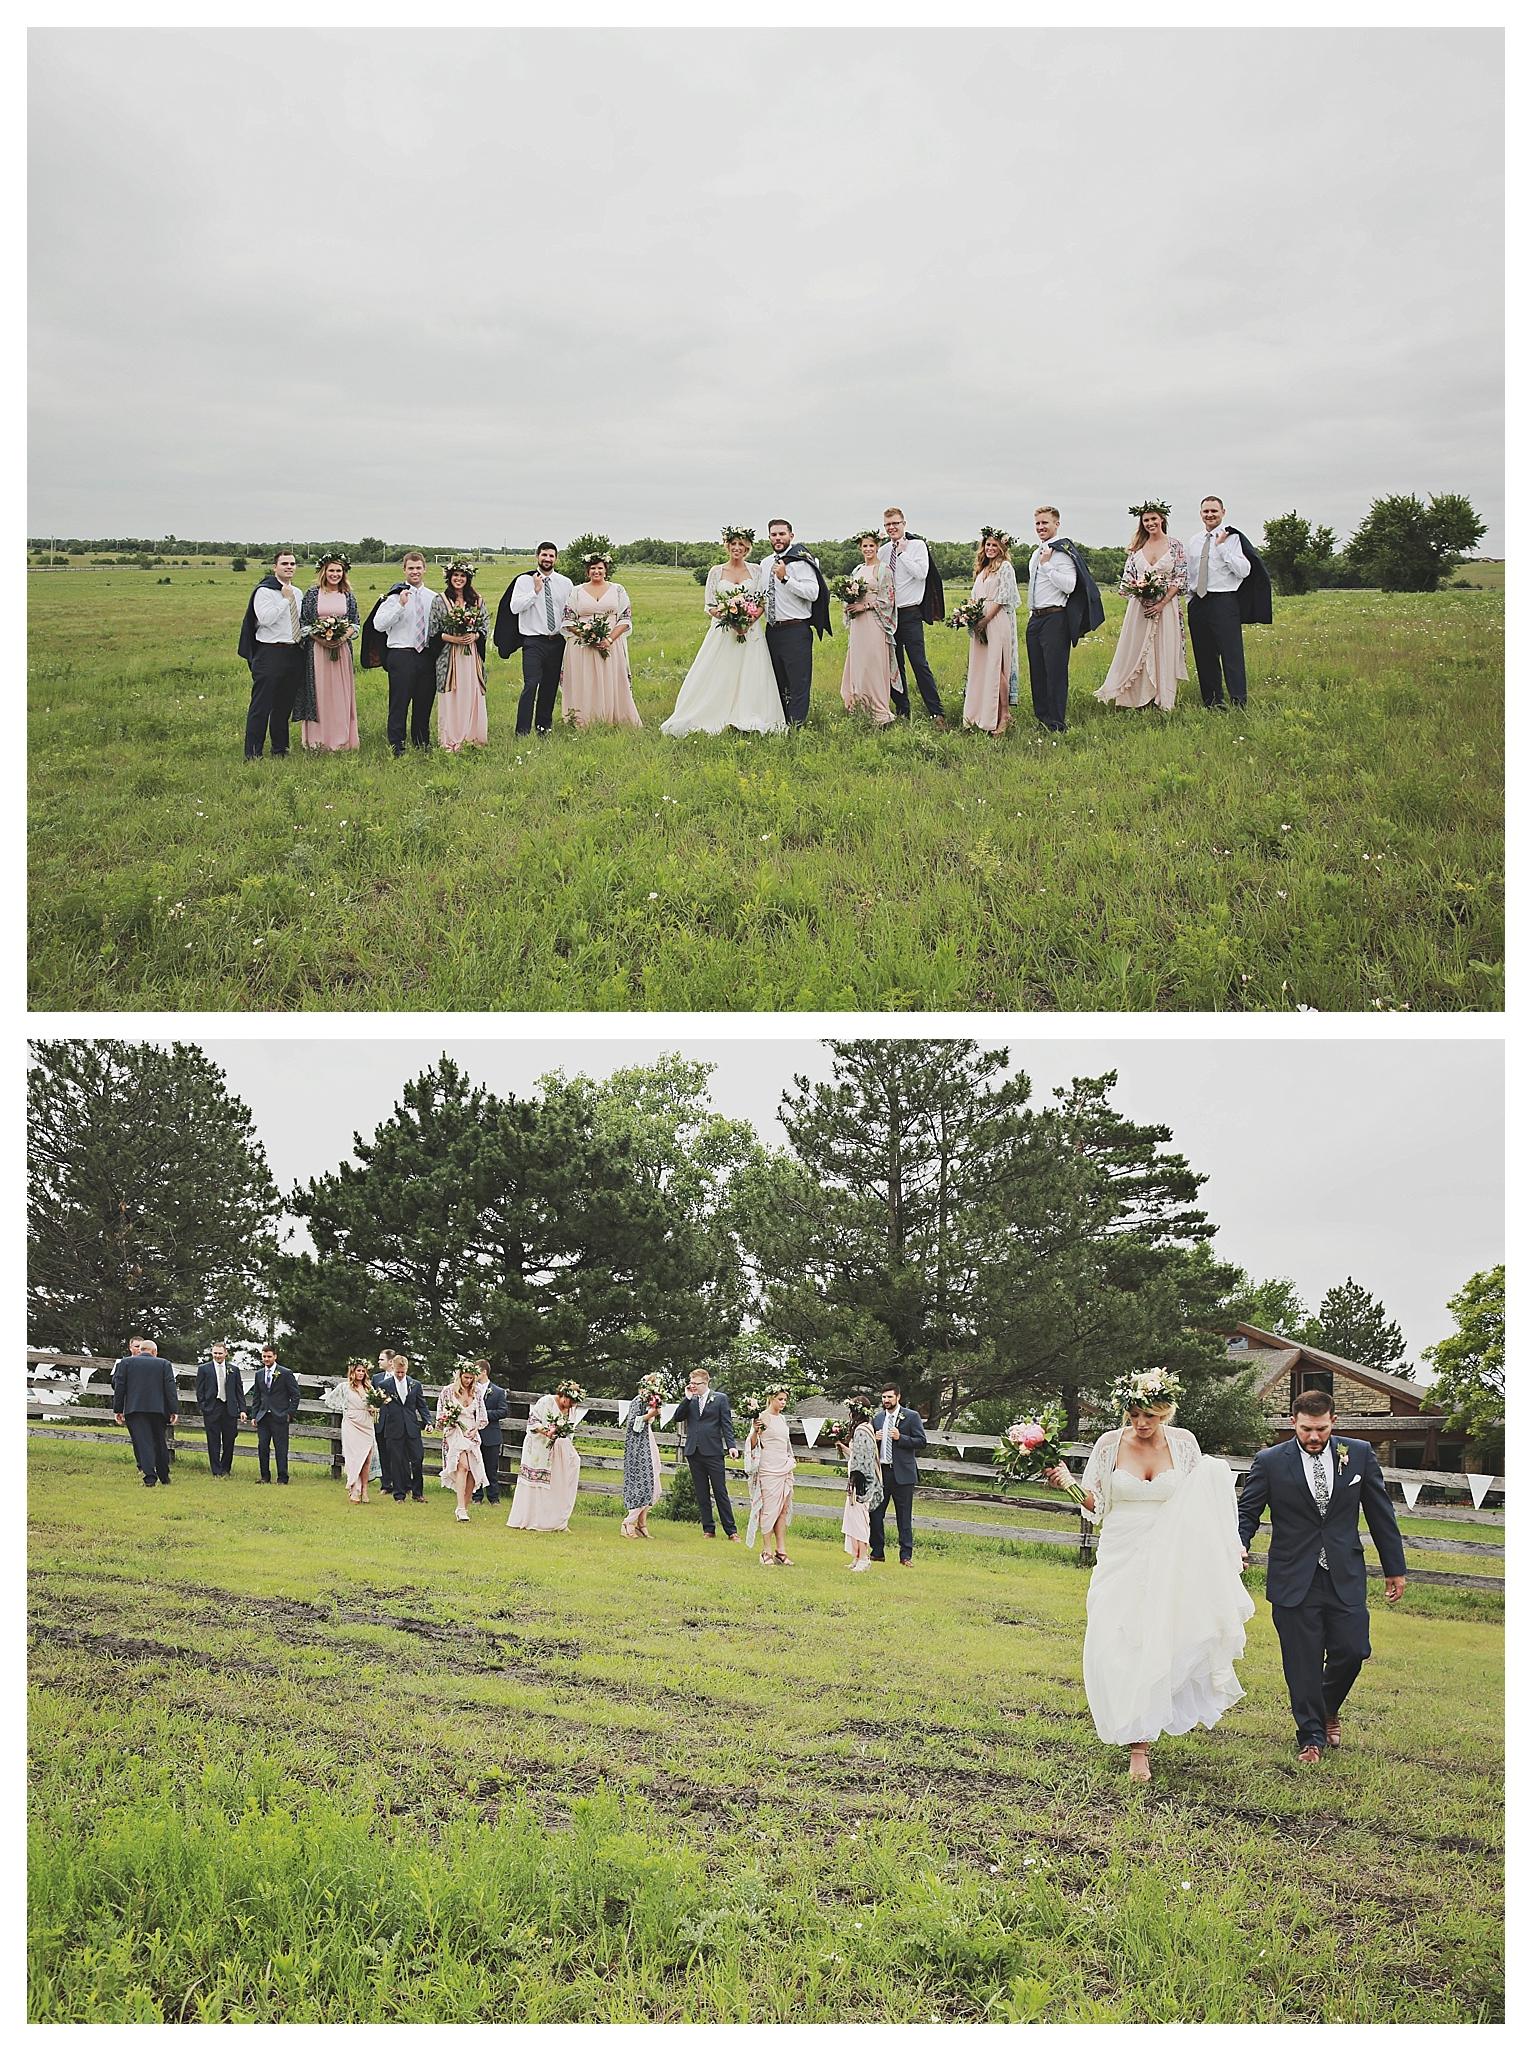 2015-07-24_0059.jpg